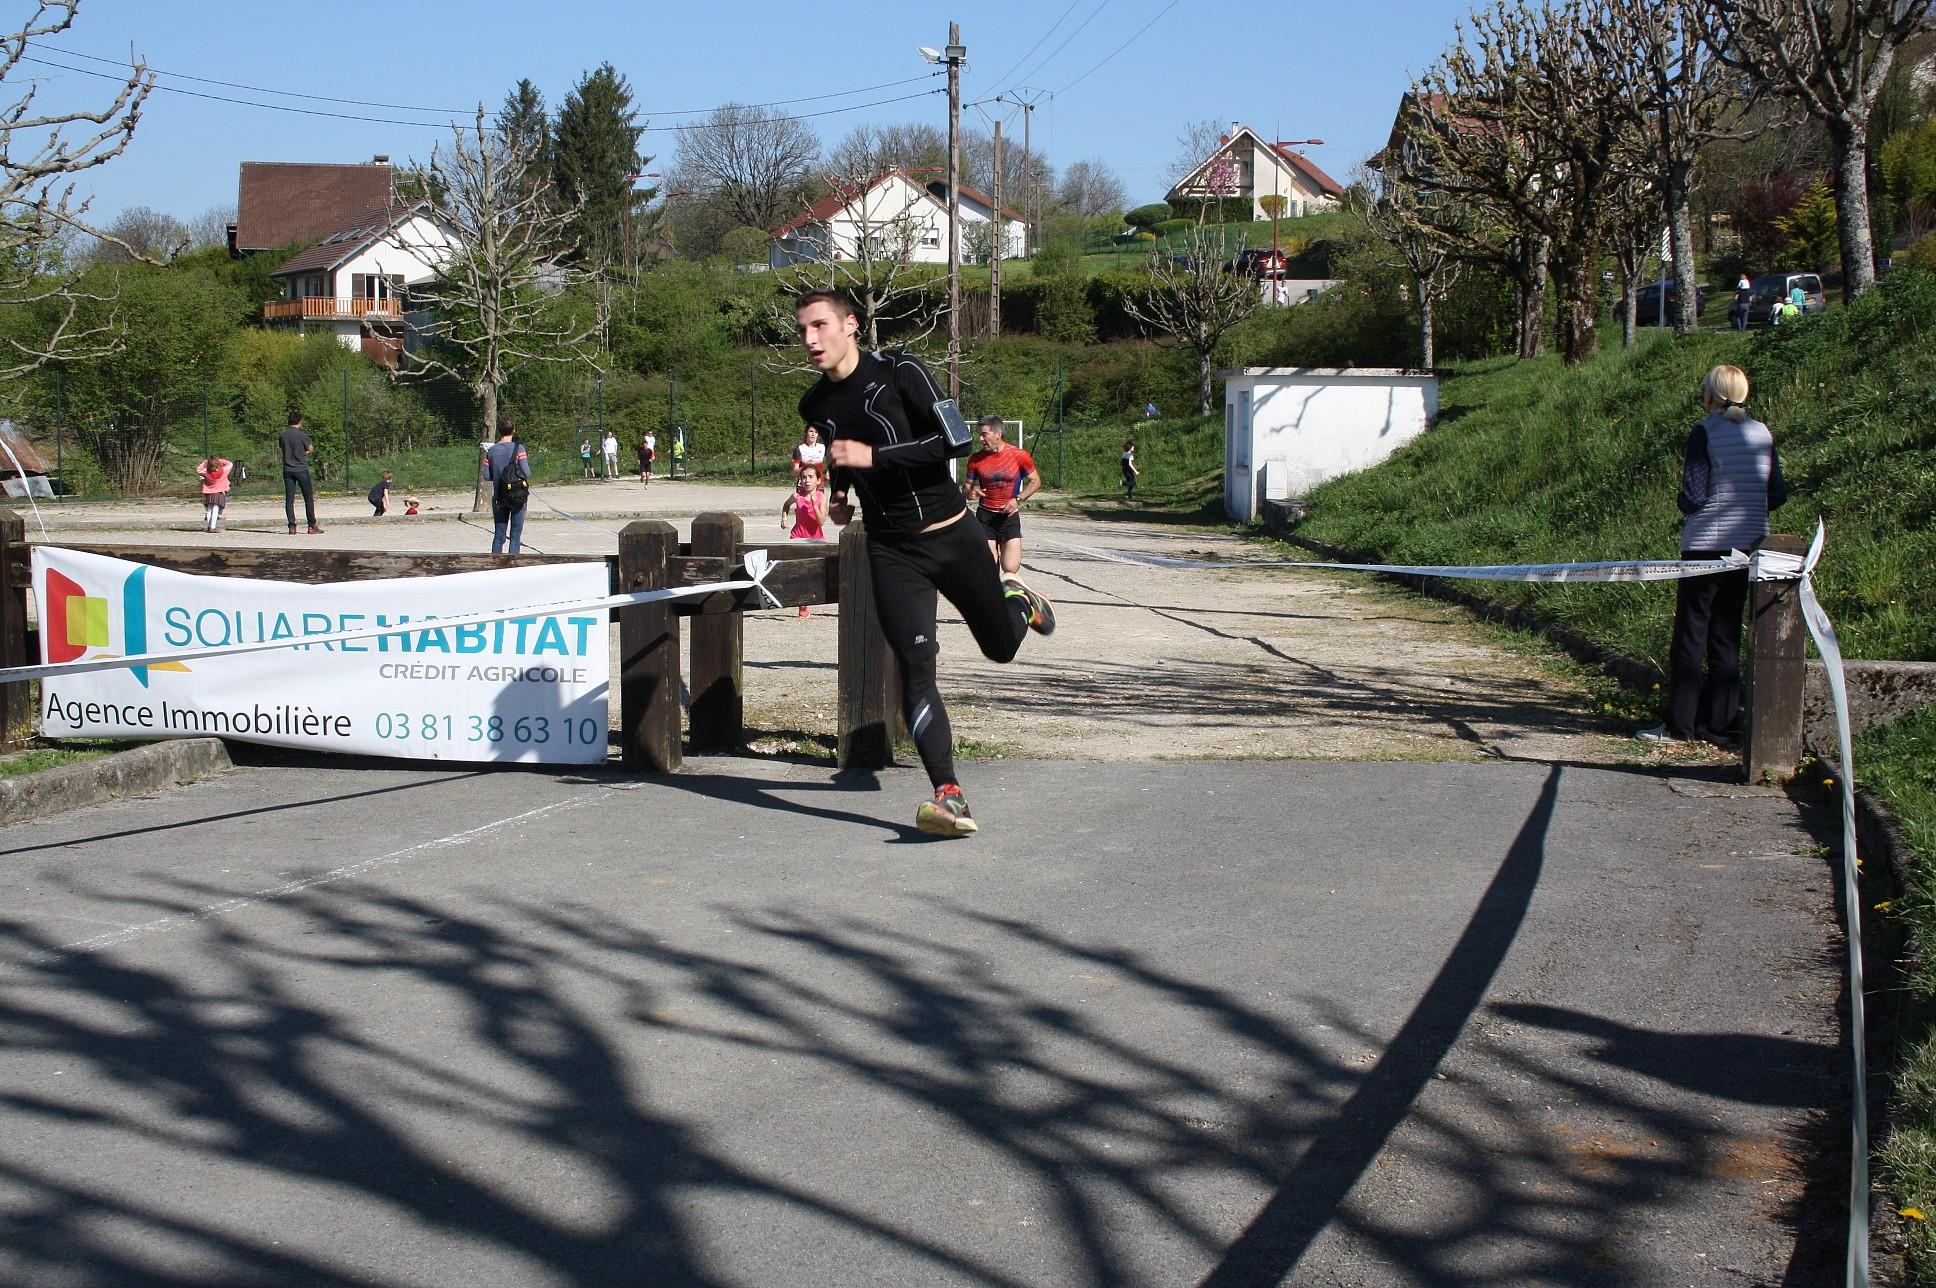 2017-04-09 - Trail-Montfaucon-Juliette (192)